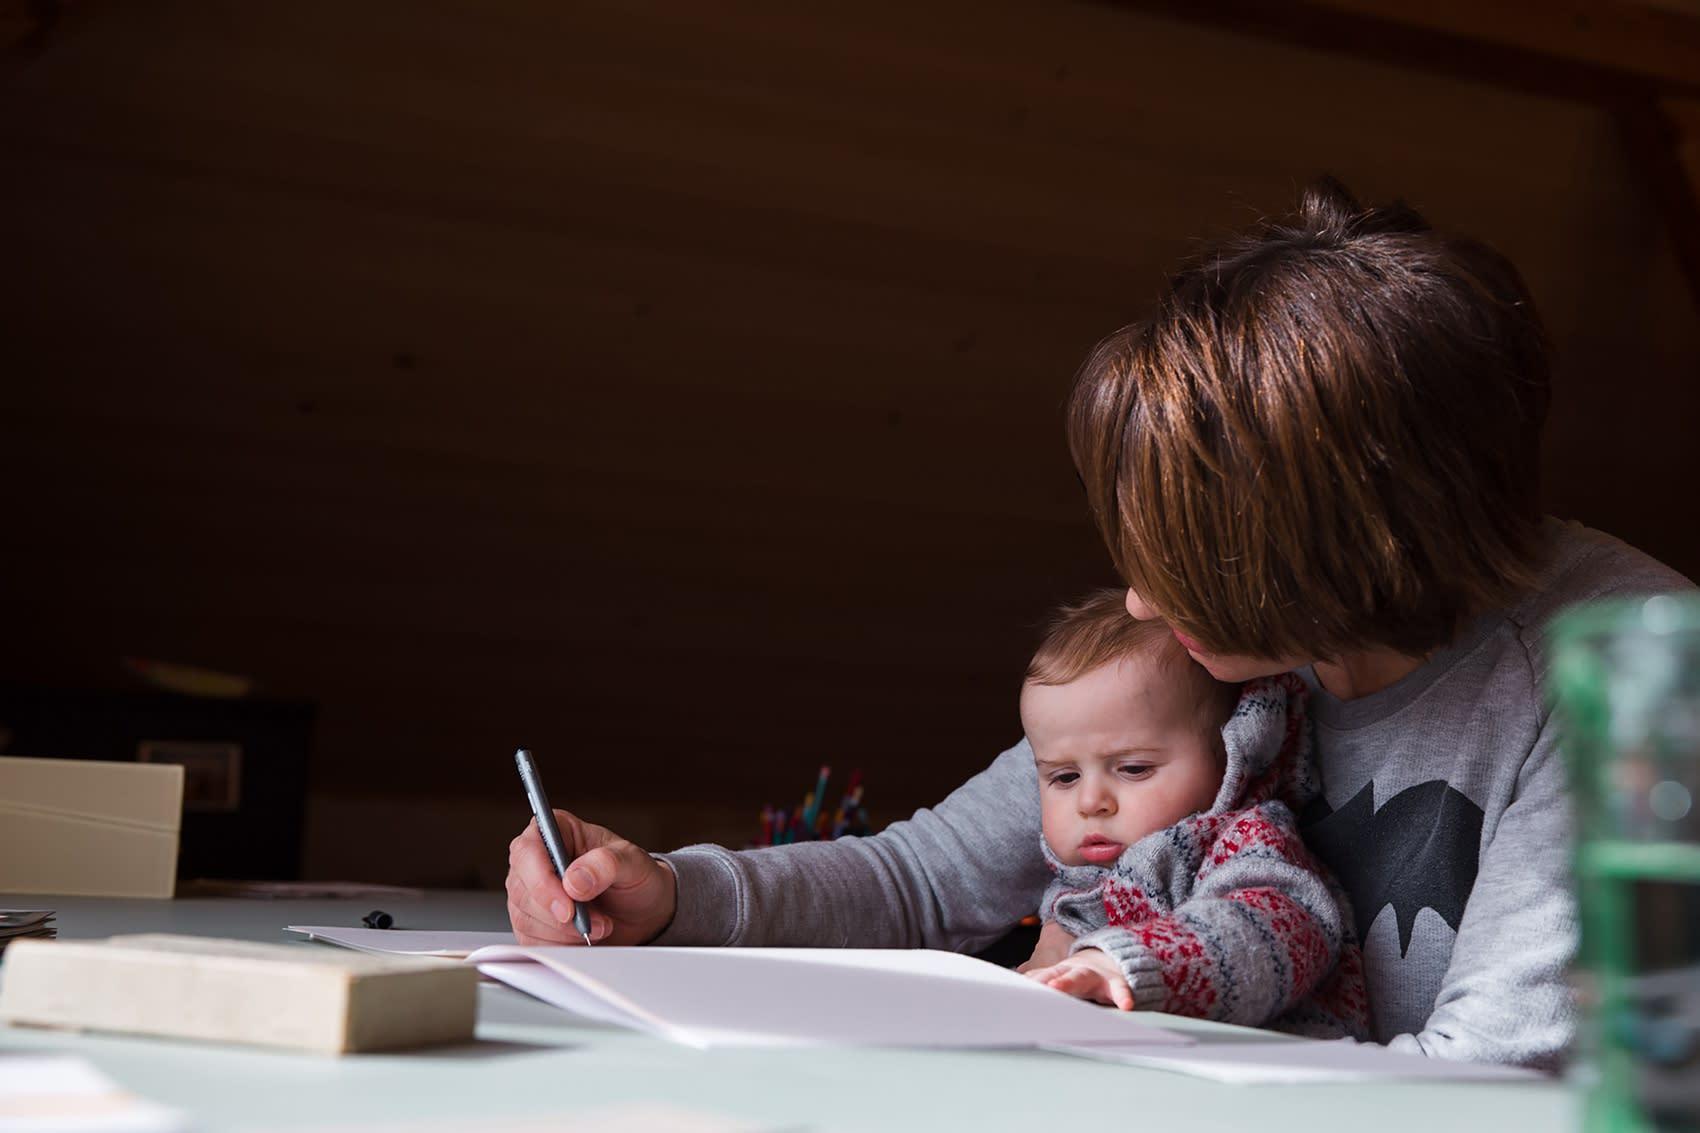 anna stemmer dworak, with her baby, art practice